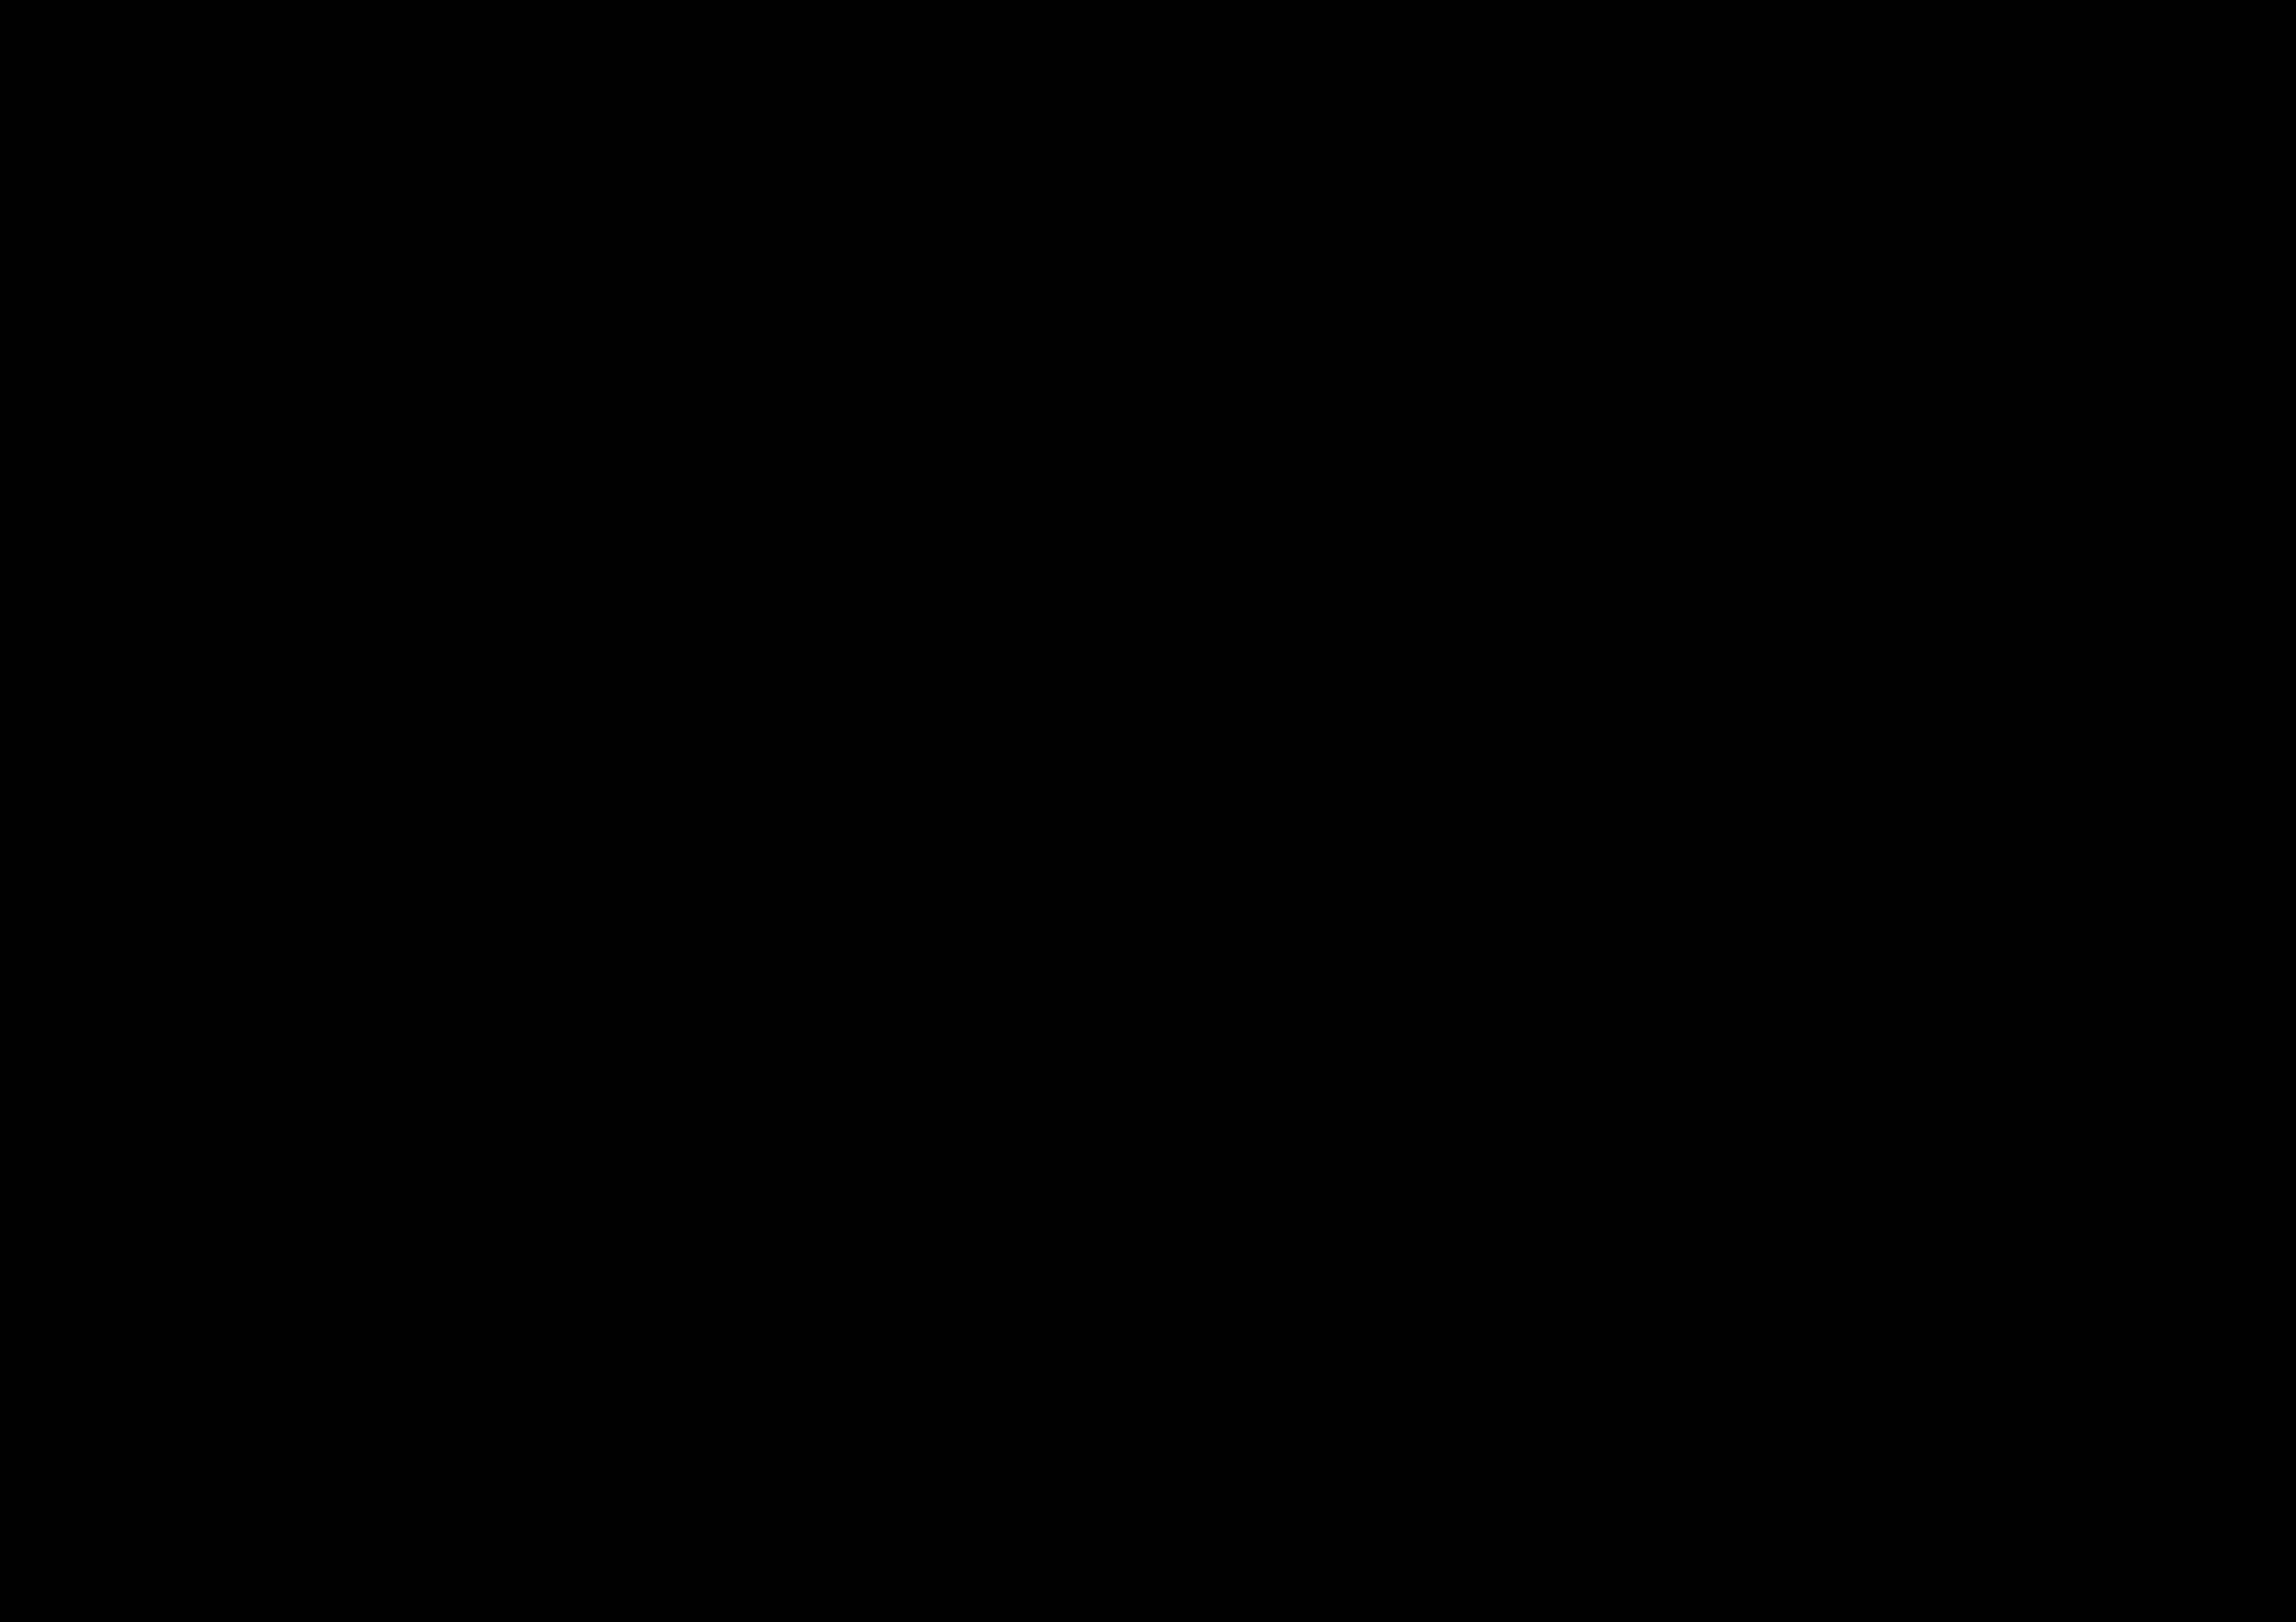 8-2 [인포그래픽]_자살_예방_국가_행동_주요내용.jpg